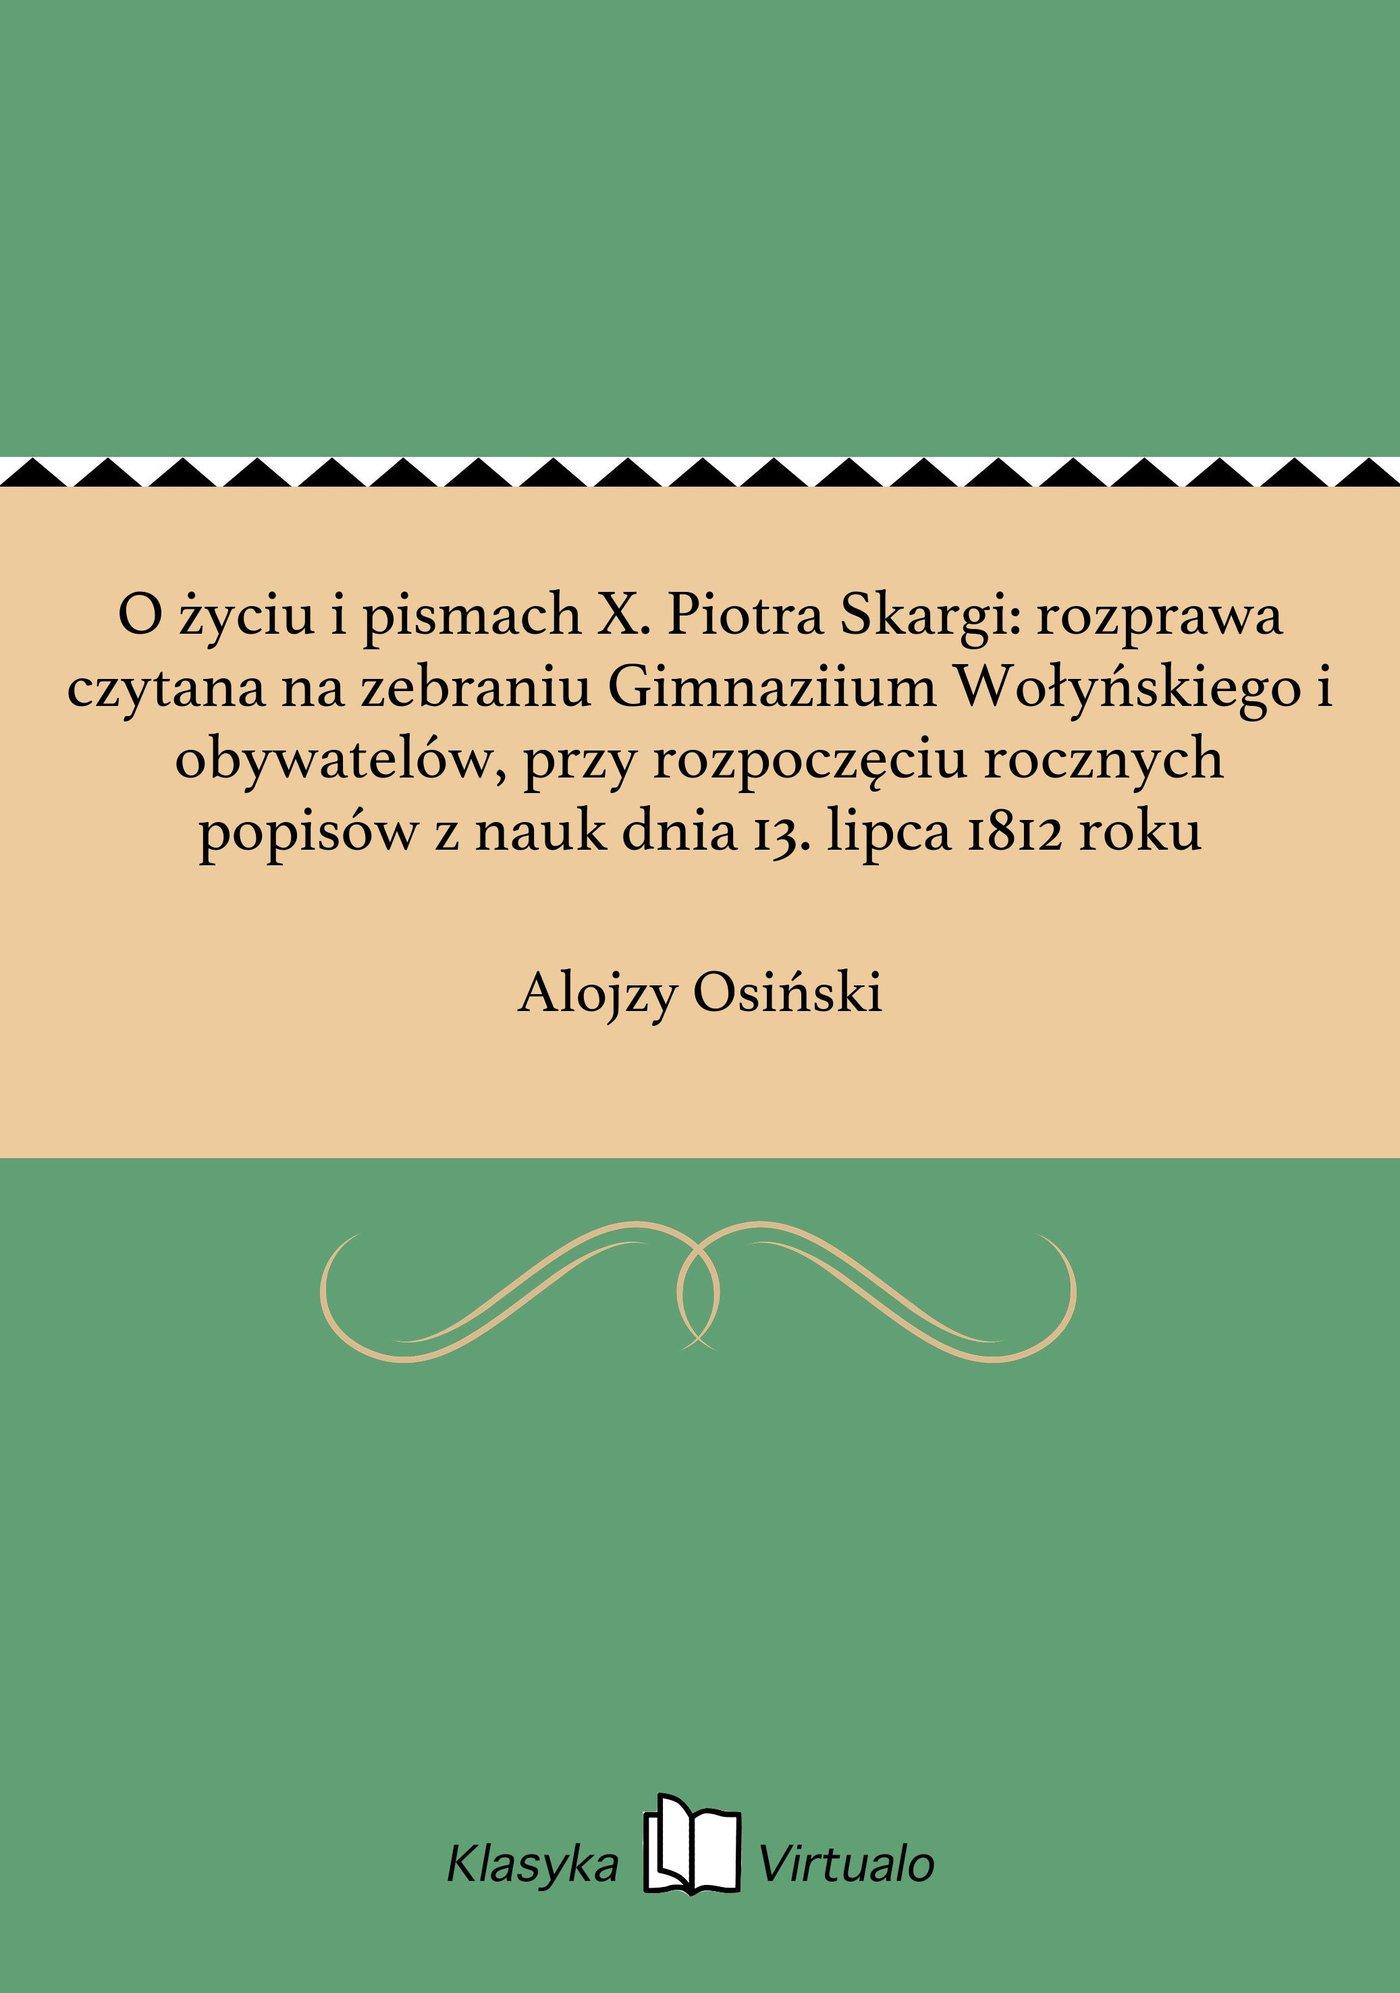 O życiu i pismach X. Piotra Skargi: rozprawa czytana na zebraniu Gimnaziium Wołyńskiego i obywatelów, przy rozpoczęciu rocznych popisów z nauk dnia 13. lipca 1812 roku - Ebook (Książka EPUB) do pobrania w formacie EPUB